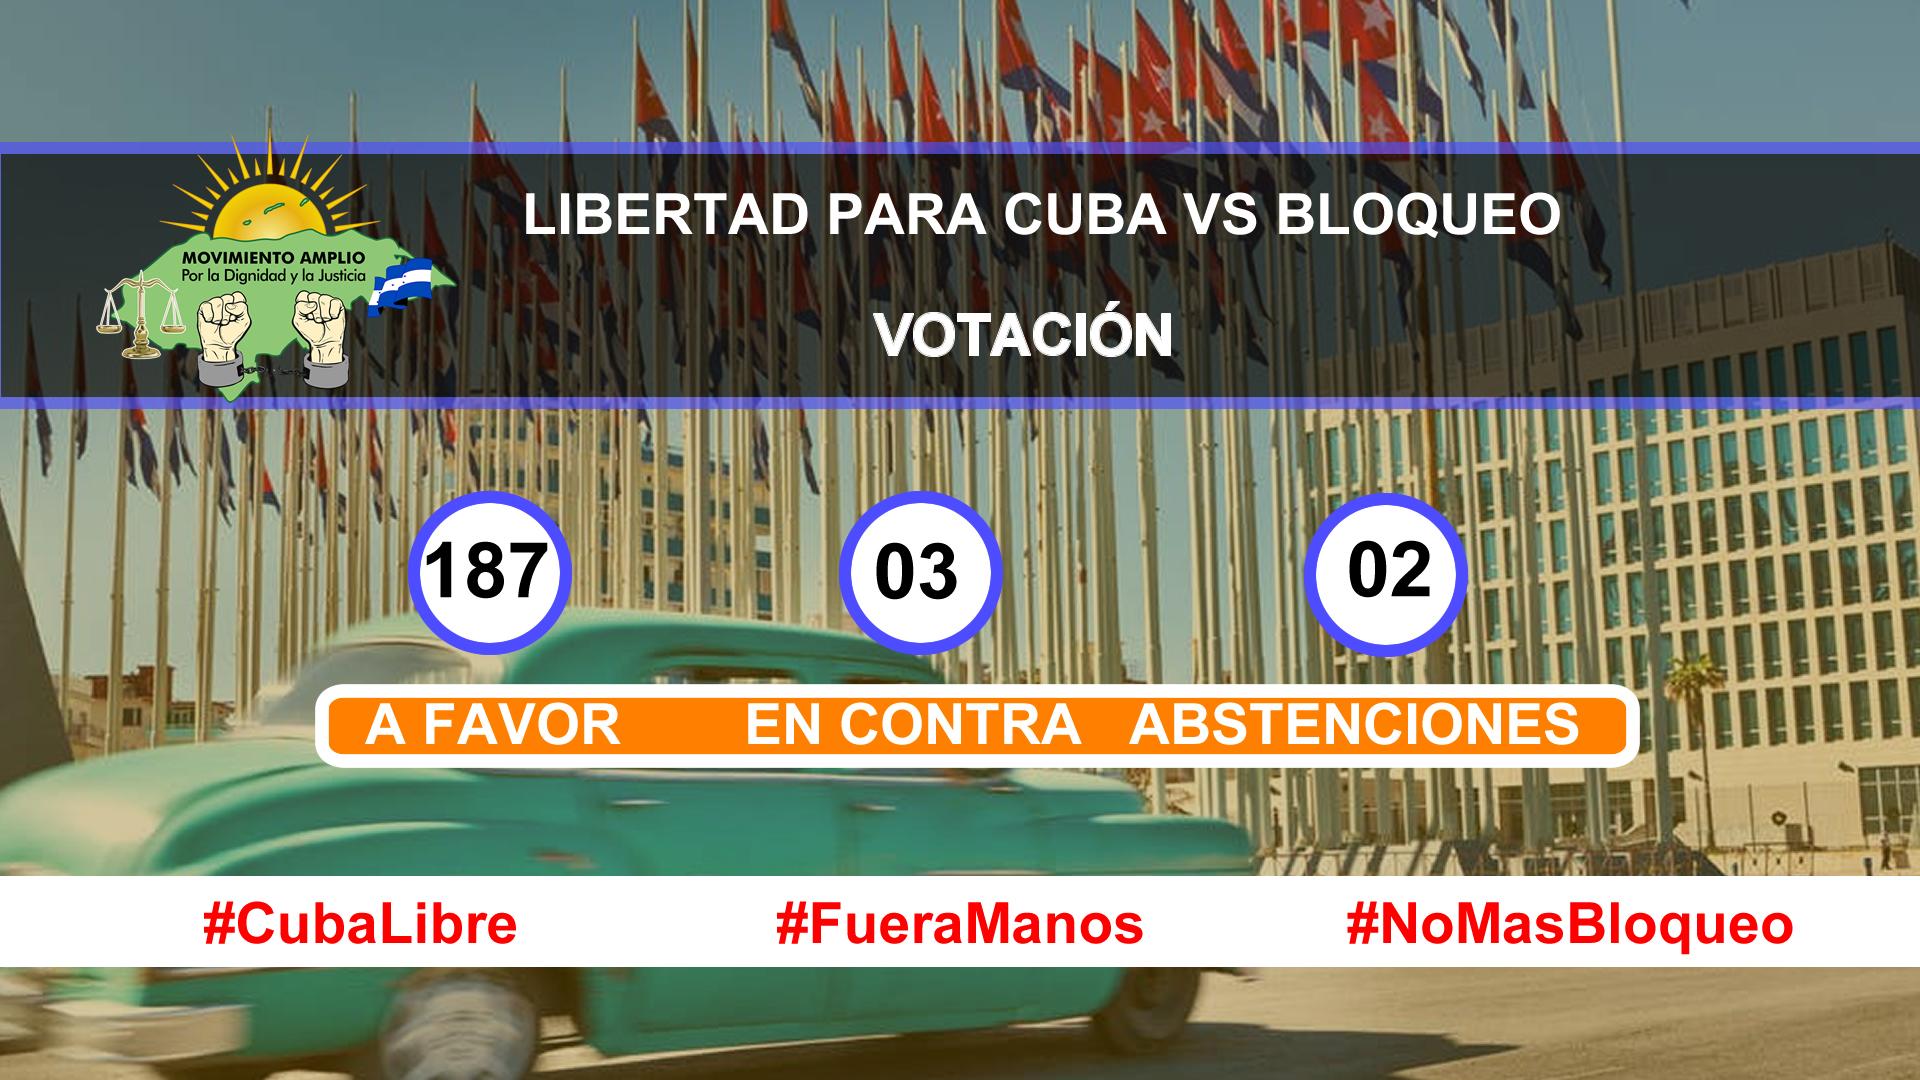 Asamblea general de la ONU acuerda levantar bloqueo a Cuba